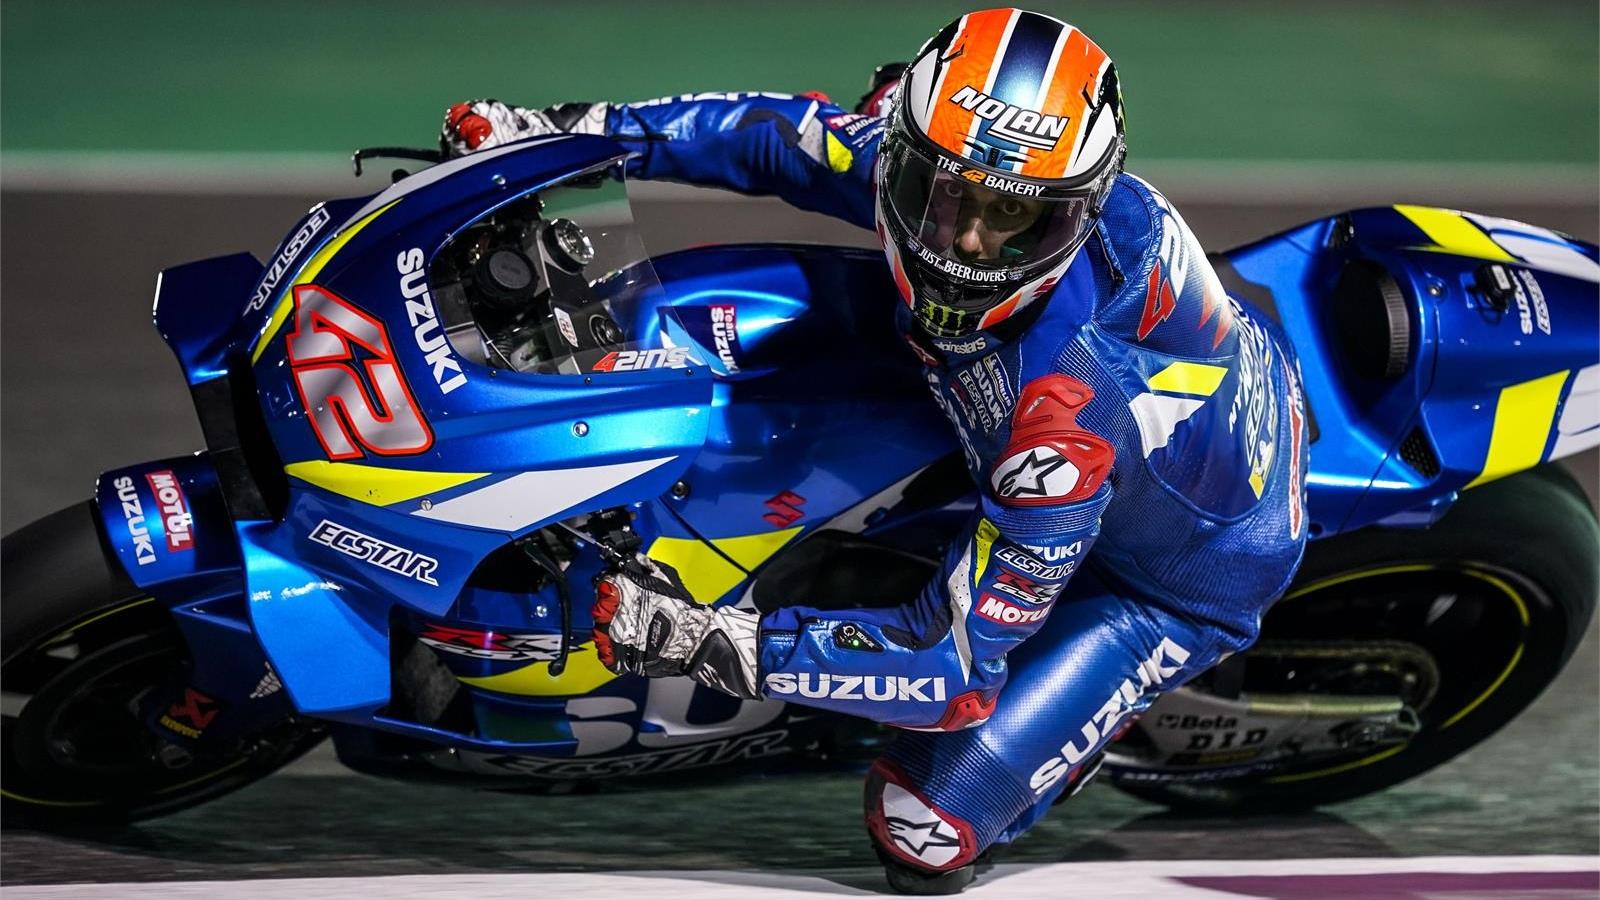 Álex Rins afronta MotoGP 2019 con el reto de emular a Casey Stoner y Barry Sheene